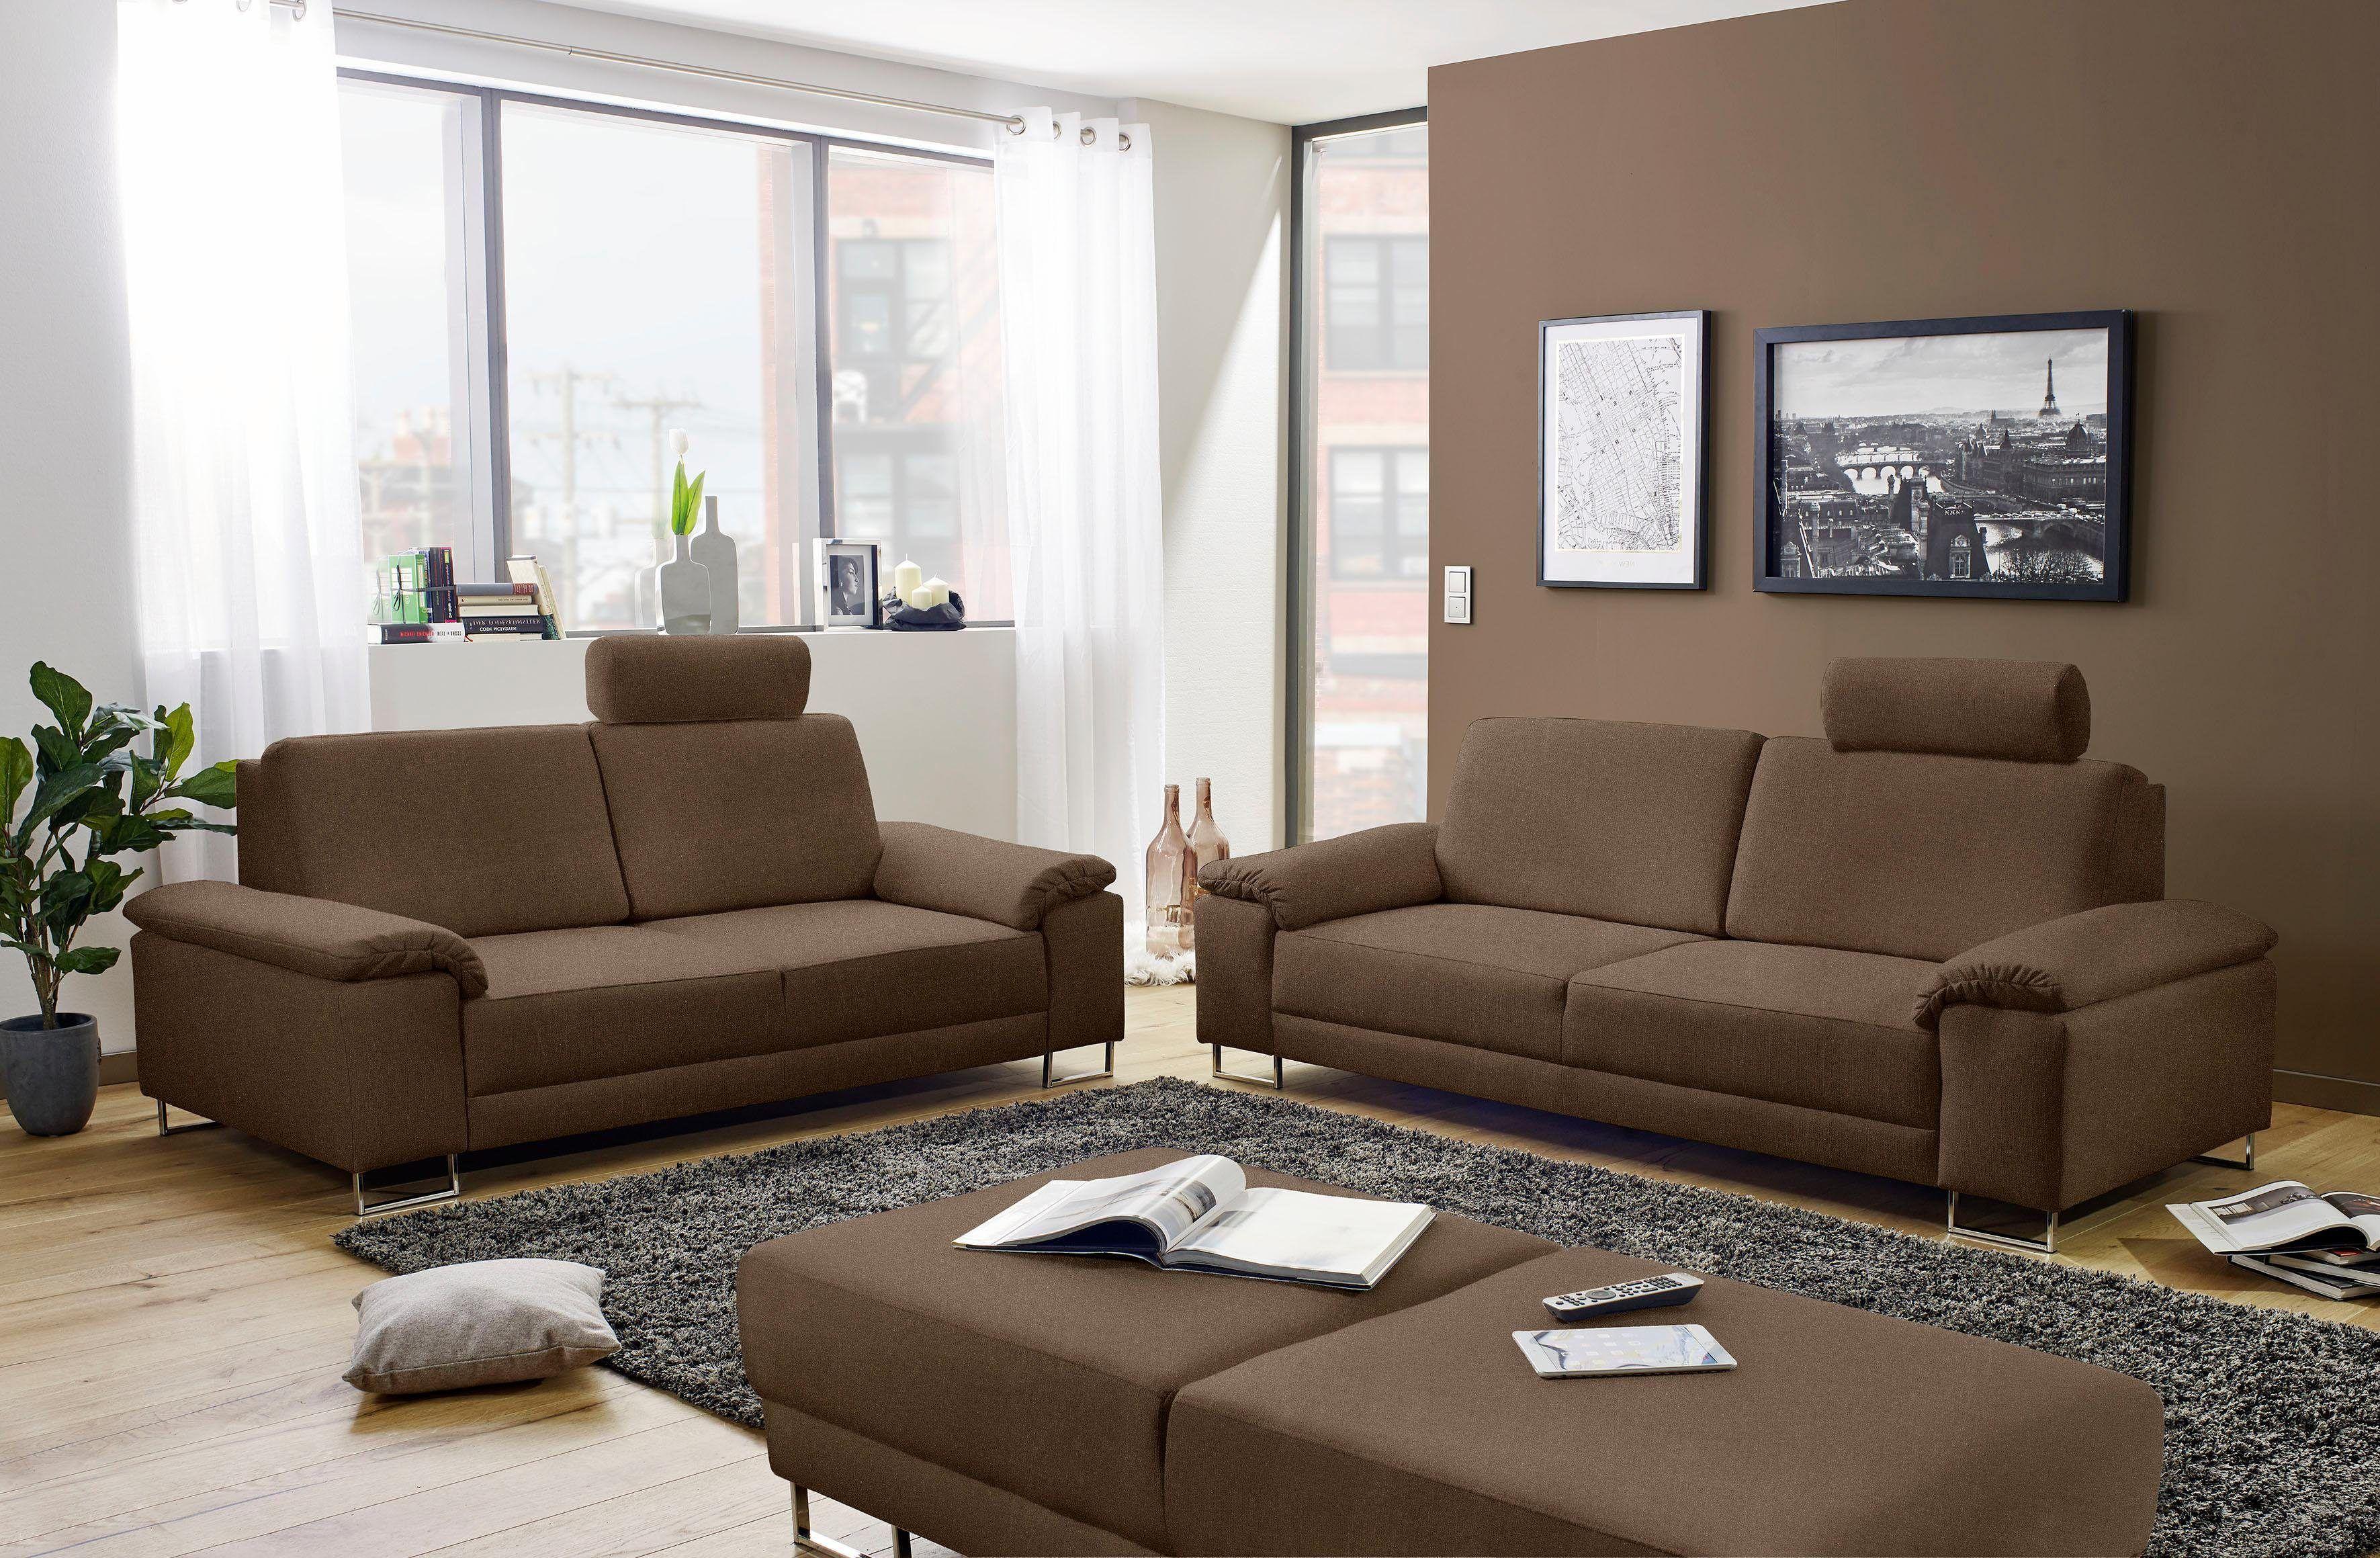 Roomed 3 sitzer braun fsc zertifiziert jetzt bestellen for Wohnzimmer bestellen